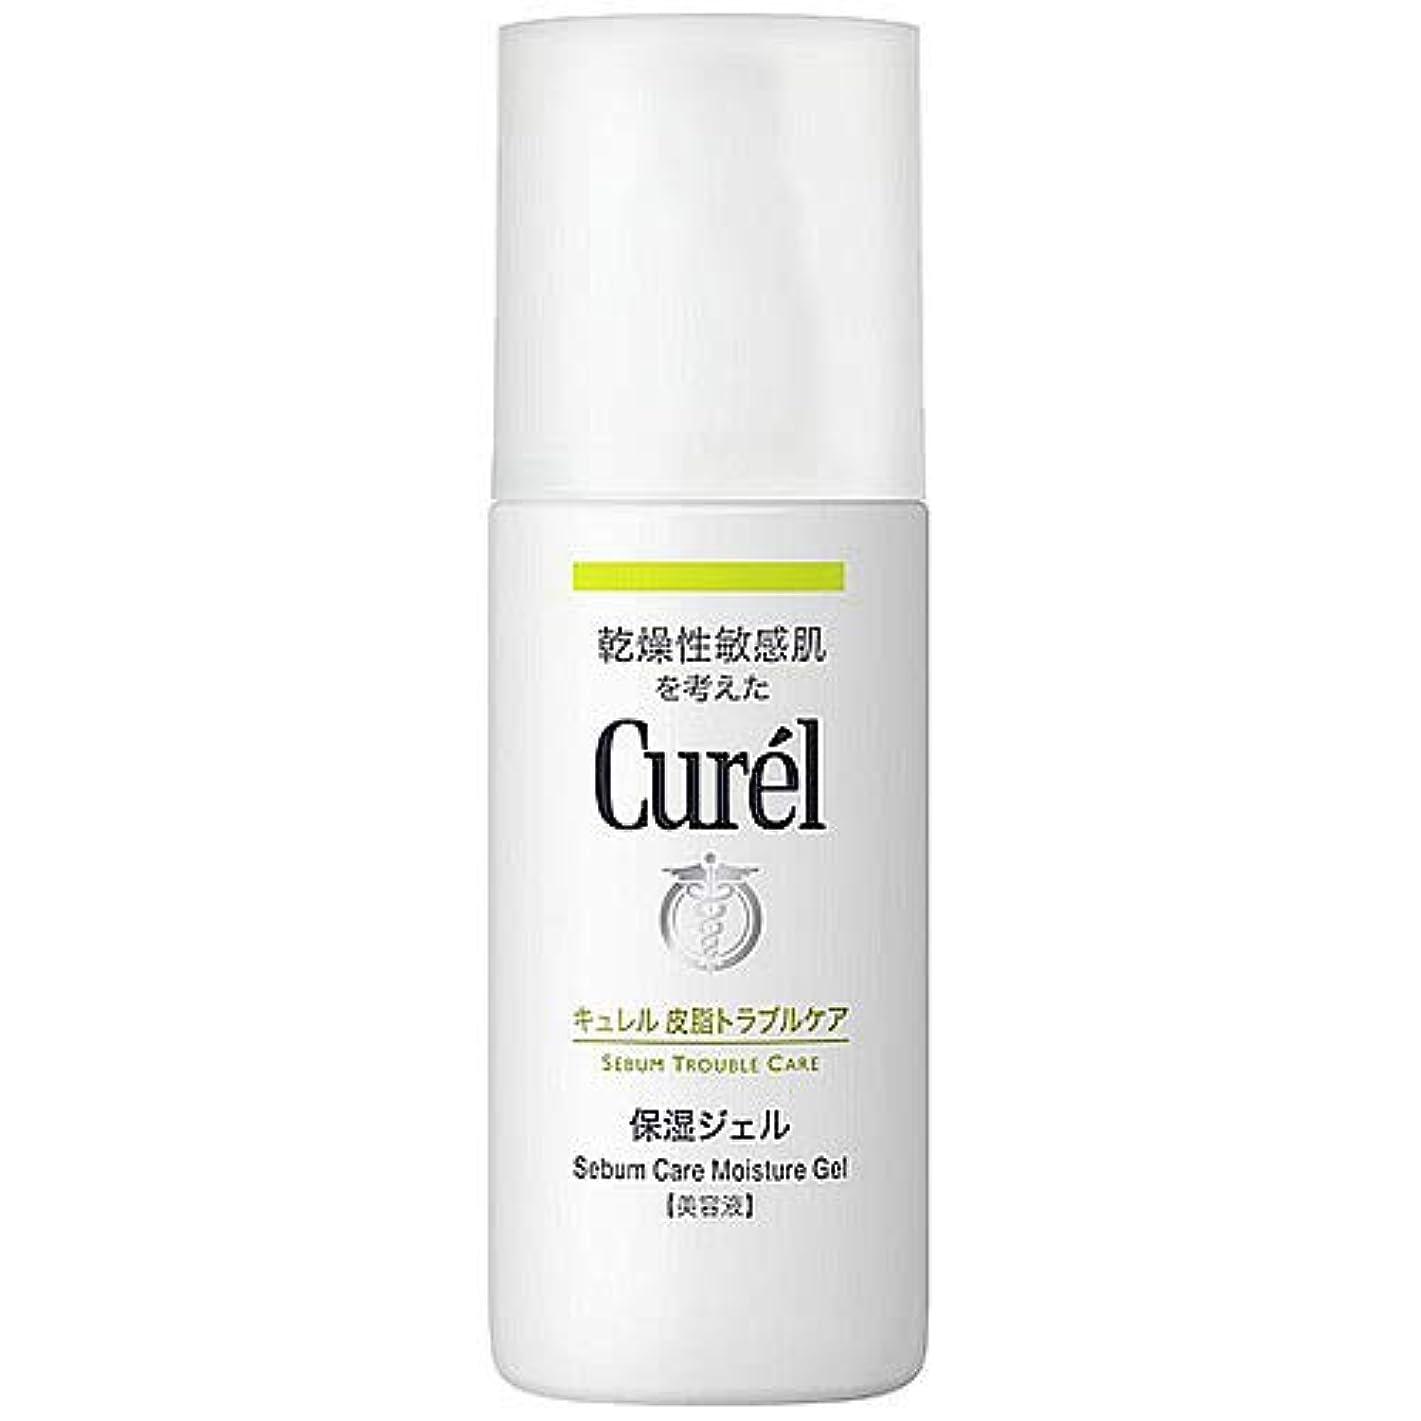 好色ないたずら続けるキュレル CUREL 皮脂トラブルケア 保湿ジェル 120ml [並行輸入品]